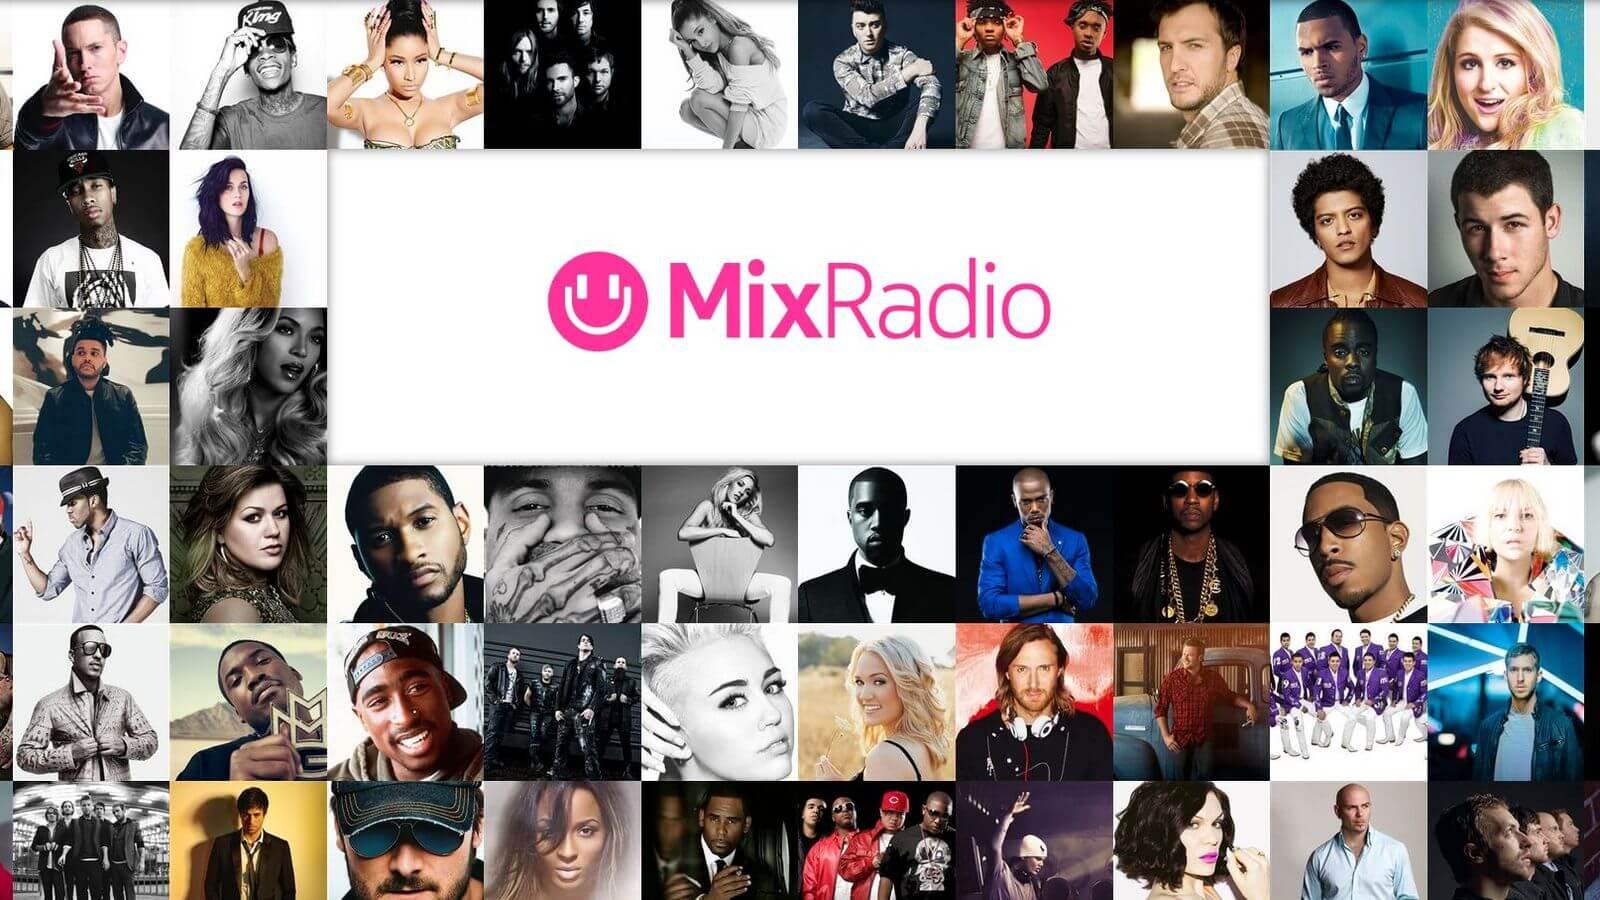 Ouça músicas offline sem mensalidade com MixRadio